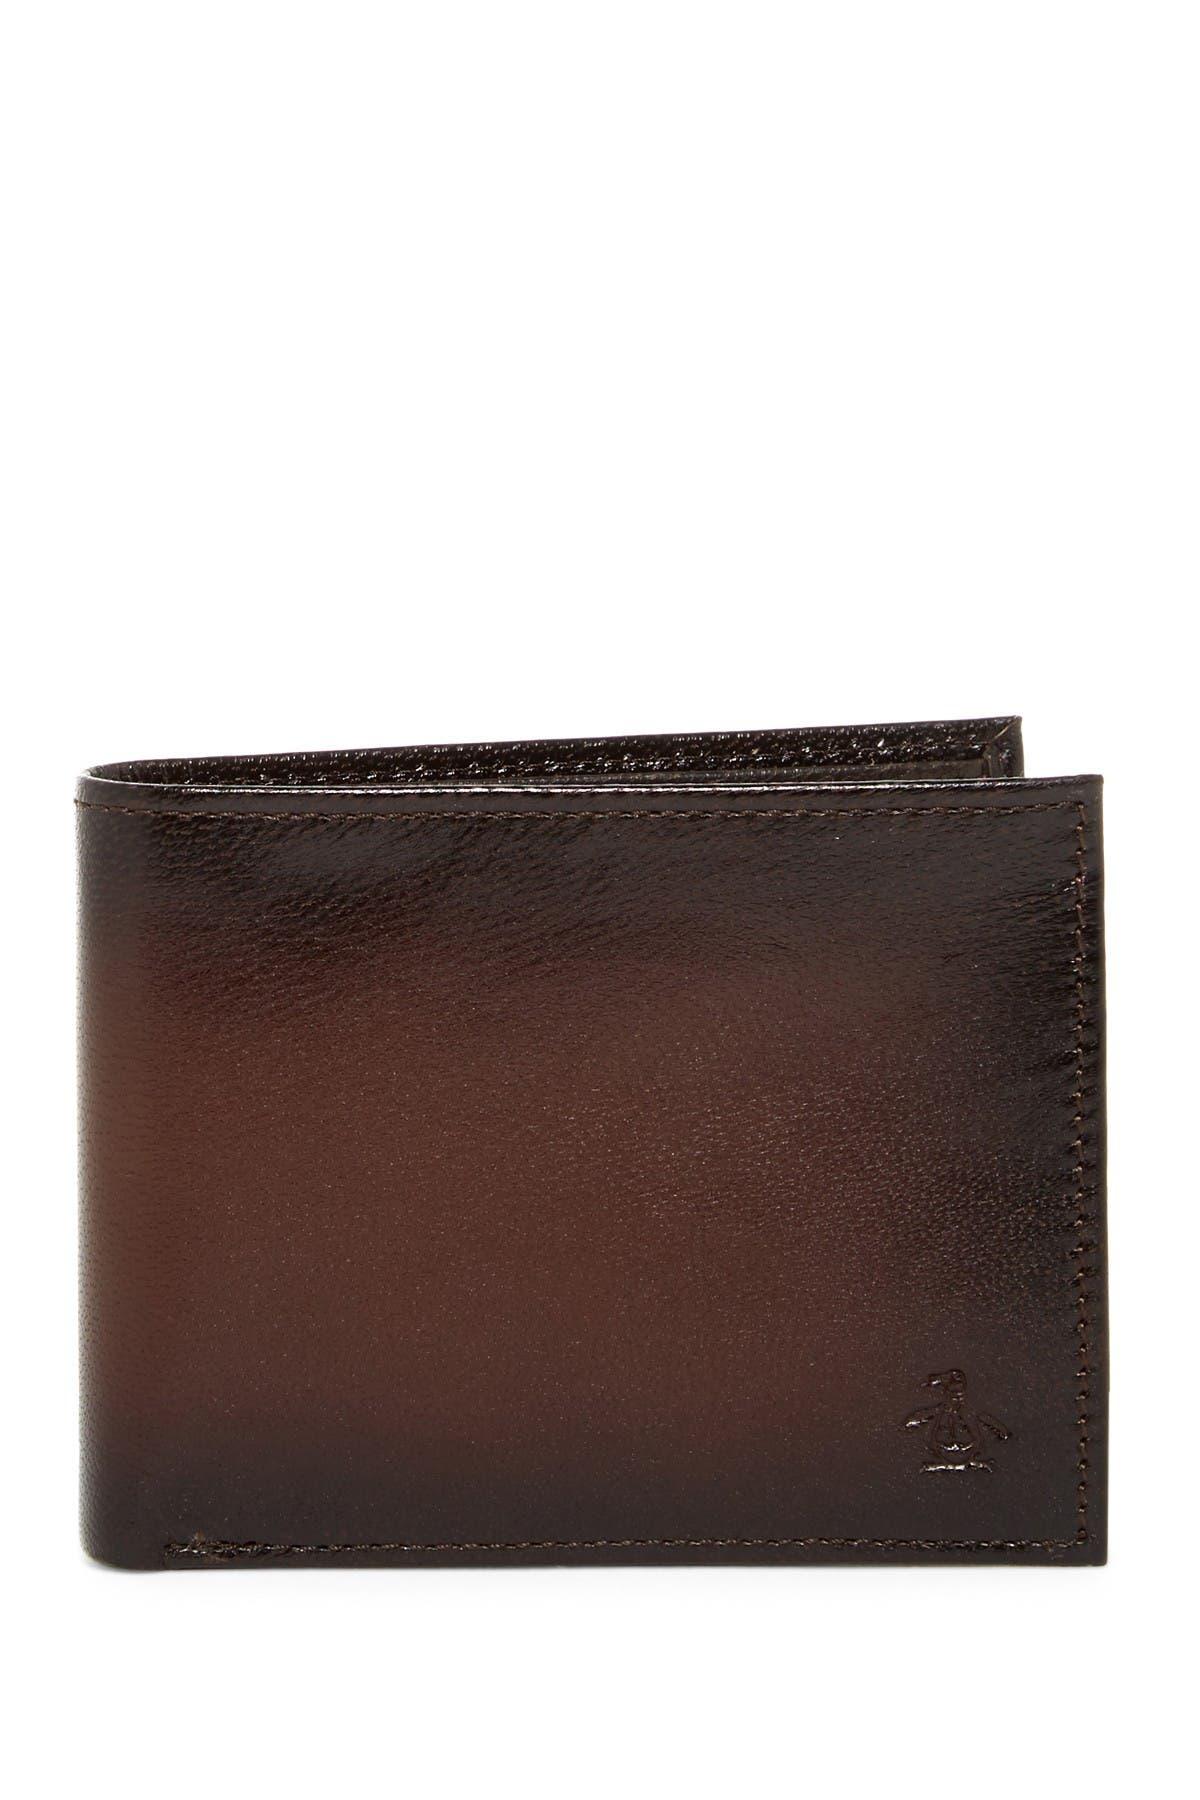 Image of Original Penguin Michigan Slim Bi-Fold Wallet